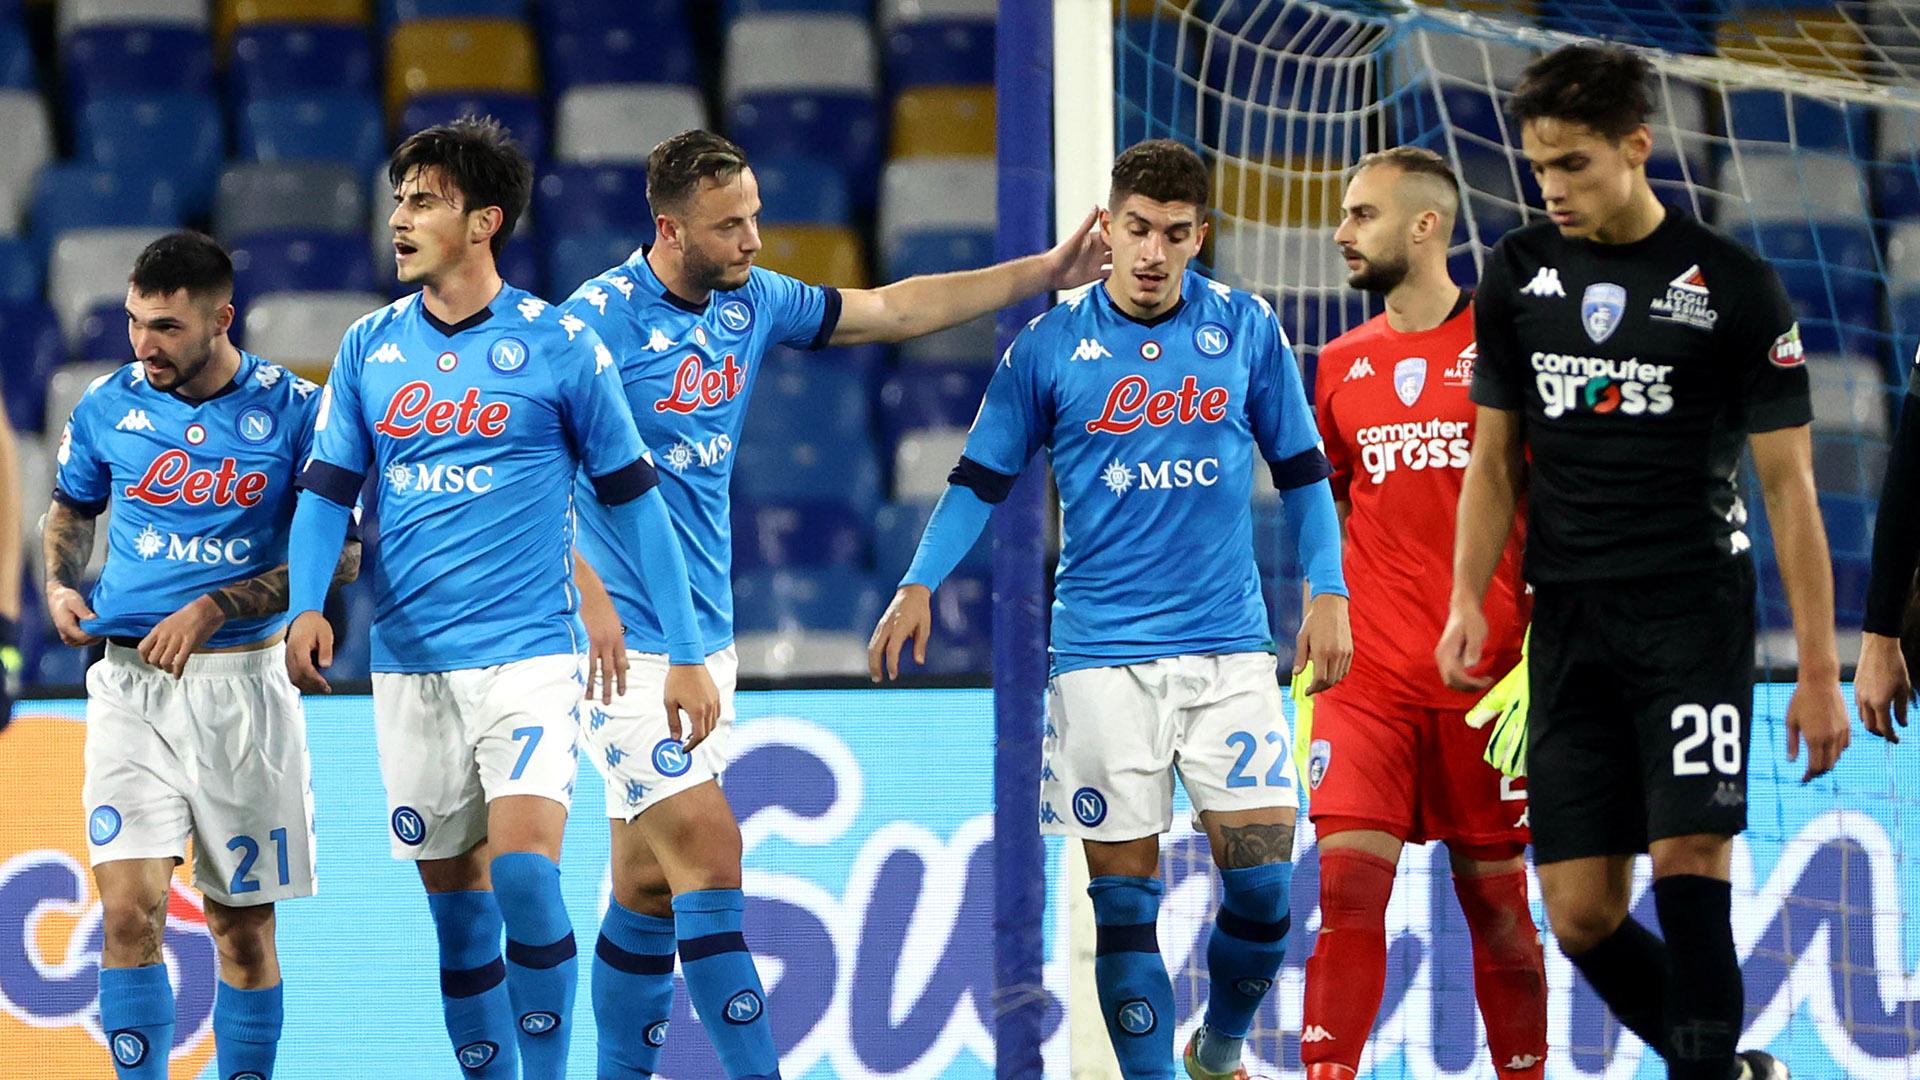 Coppa Italia, Napoli-Empoli 3-2: azzurri ai quarti